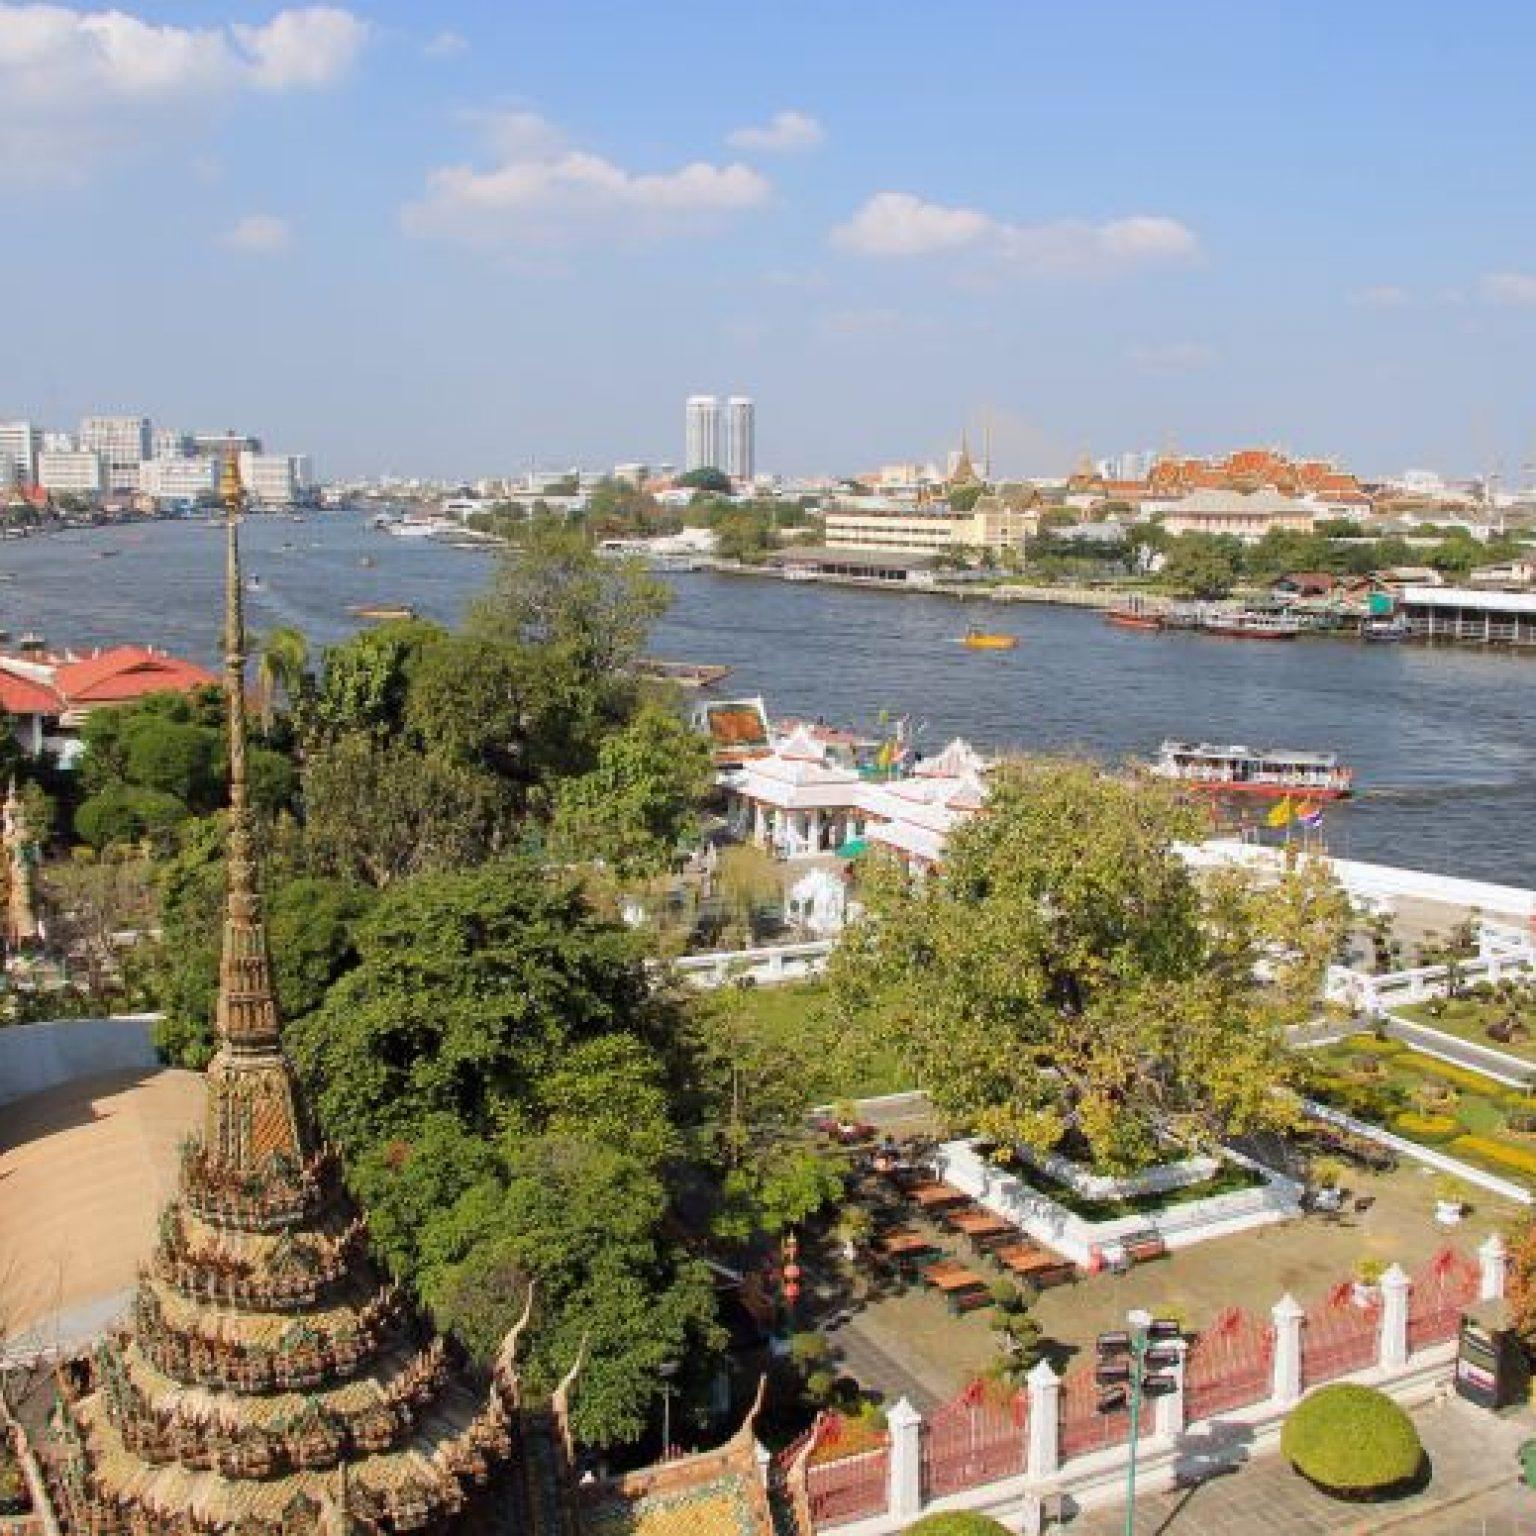 Attractions in Bangkok: Chao Phraya river